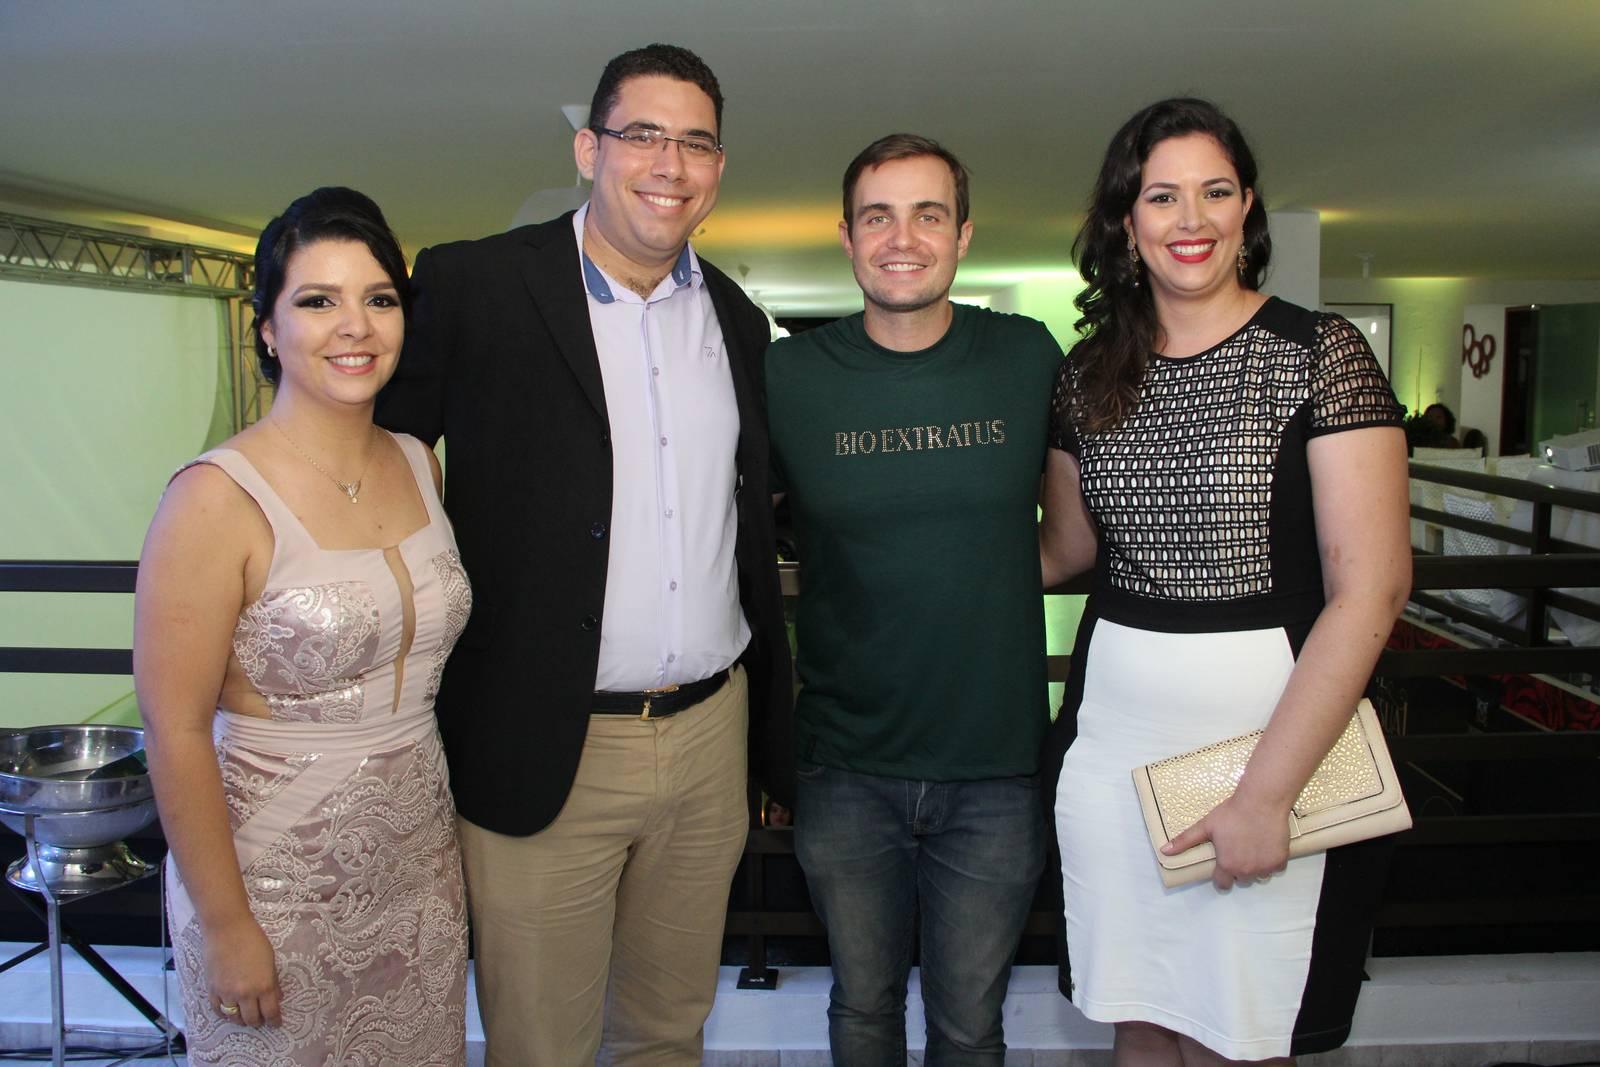 Inauguração da Distribuidora Karla Cosméticos - Bio Extratus (9)